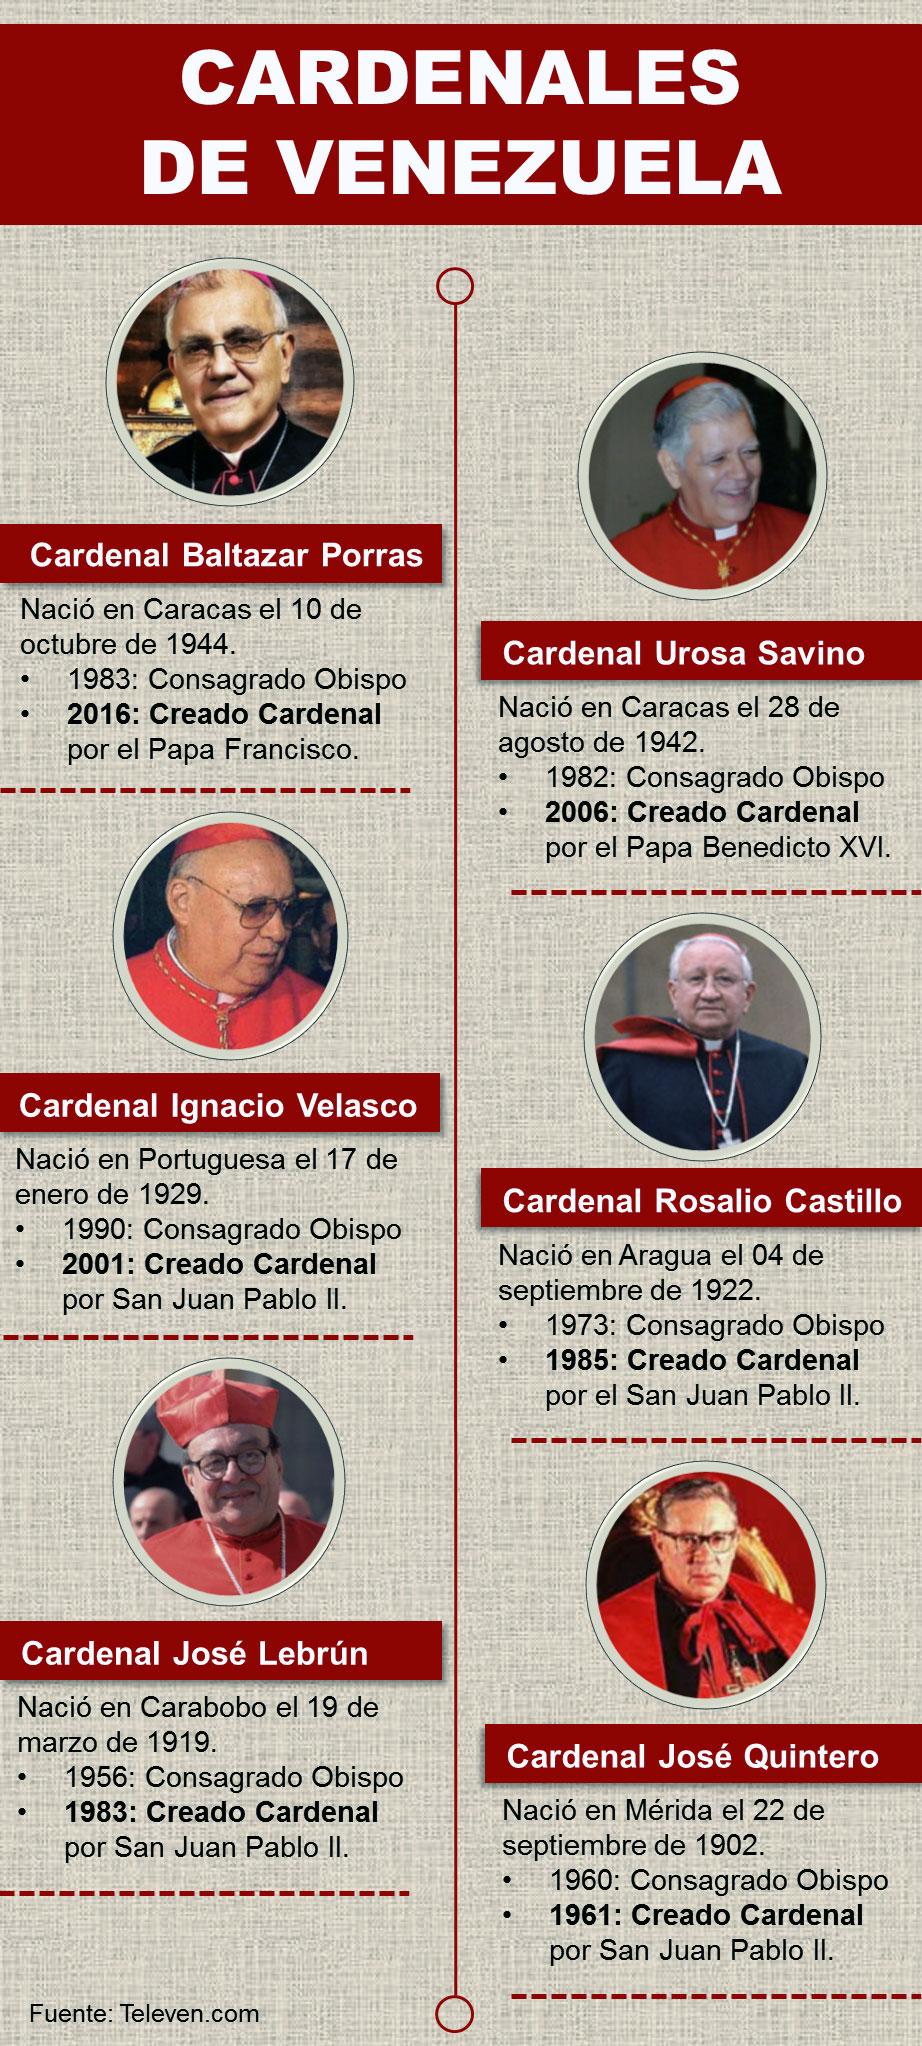 cardenales-de-venezuela